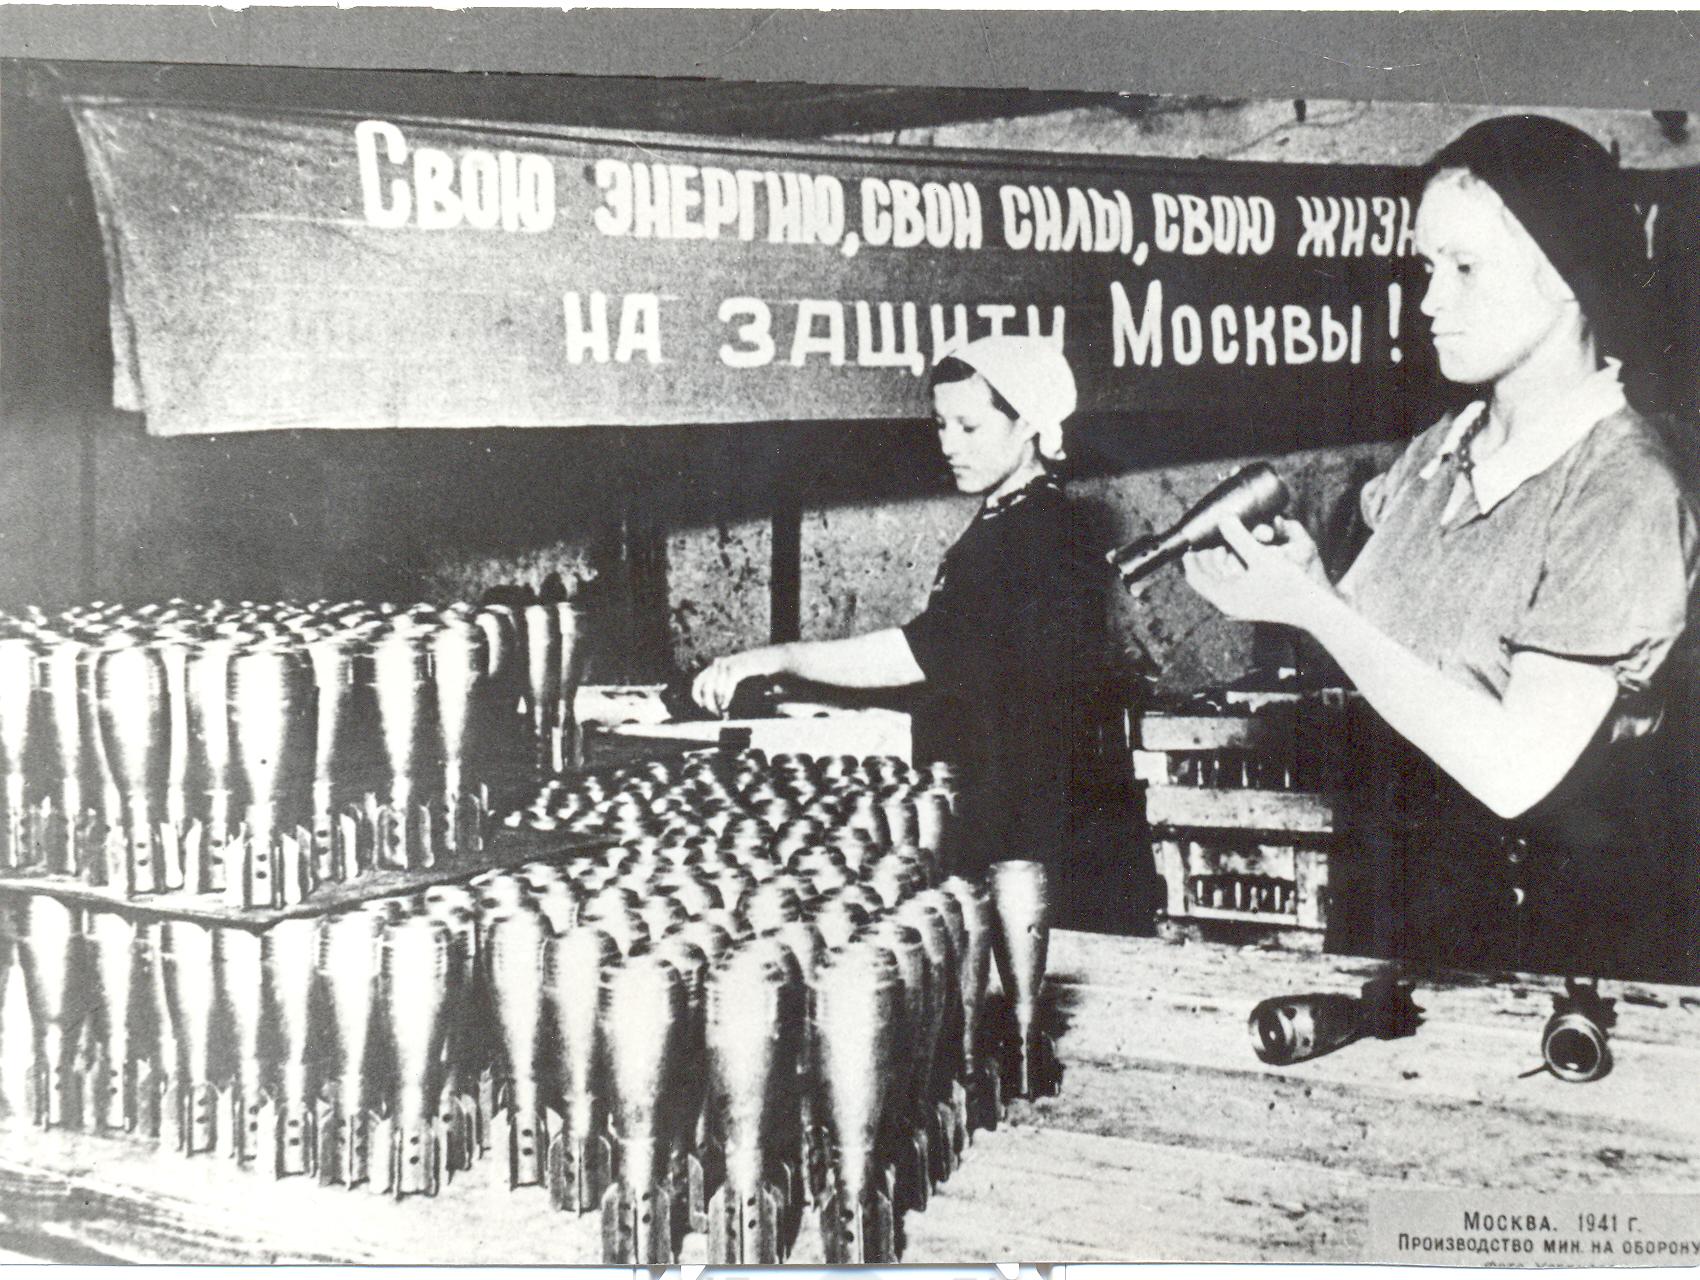 proizvodstvo-min-v-masterskih-1941g-3